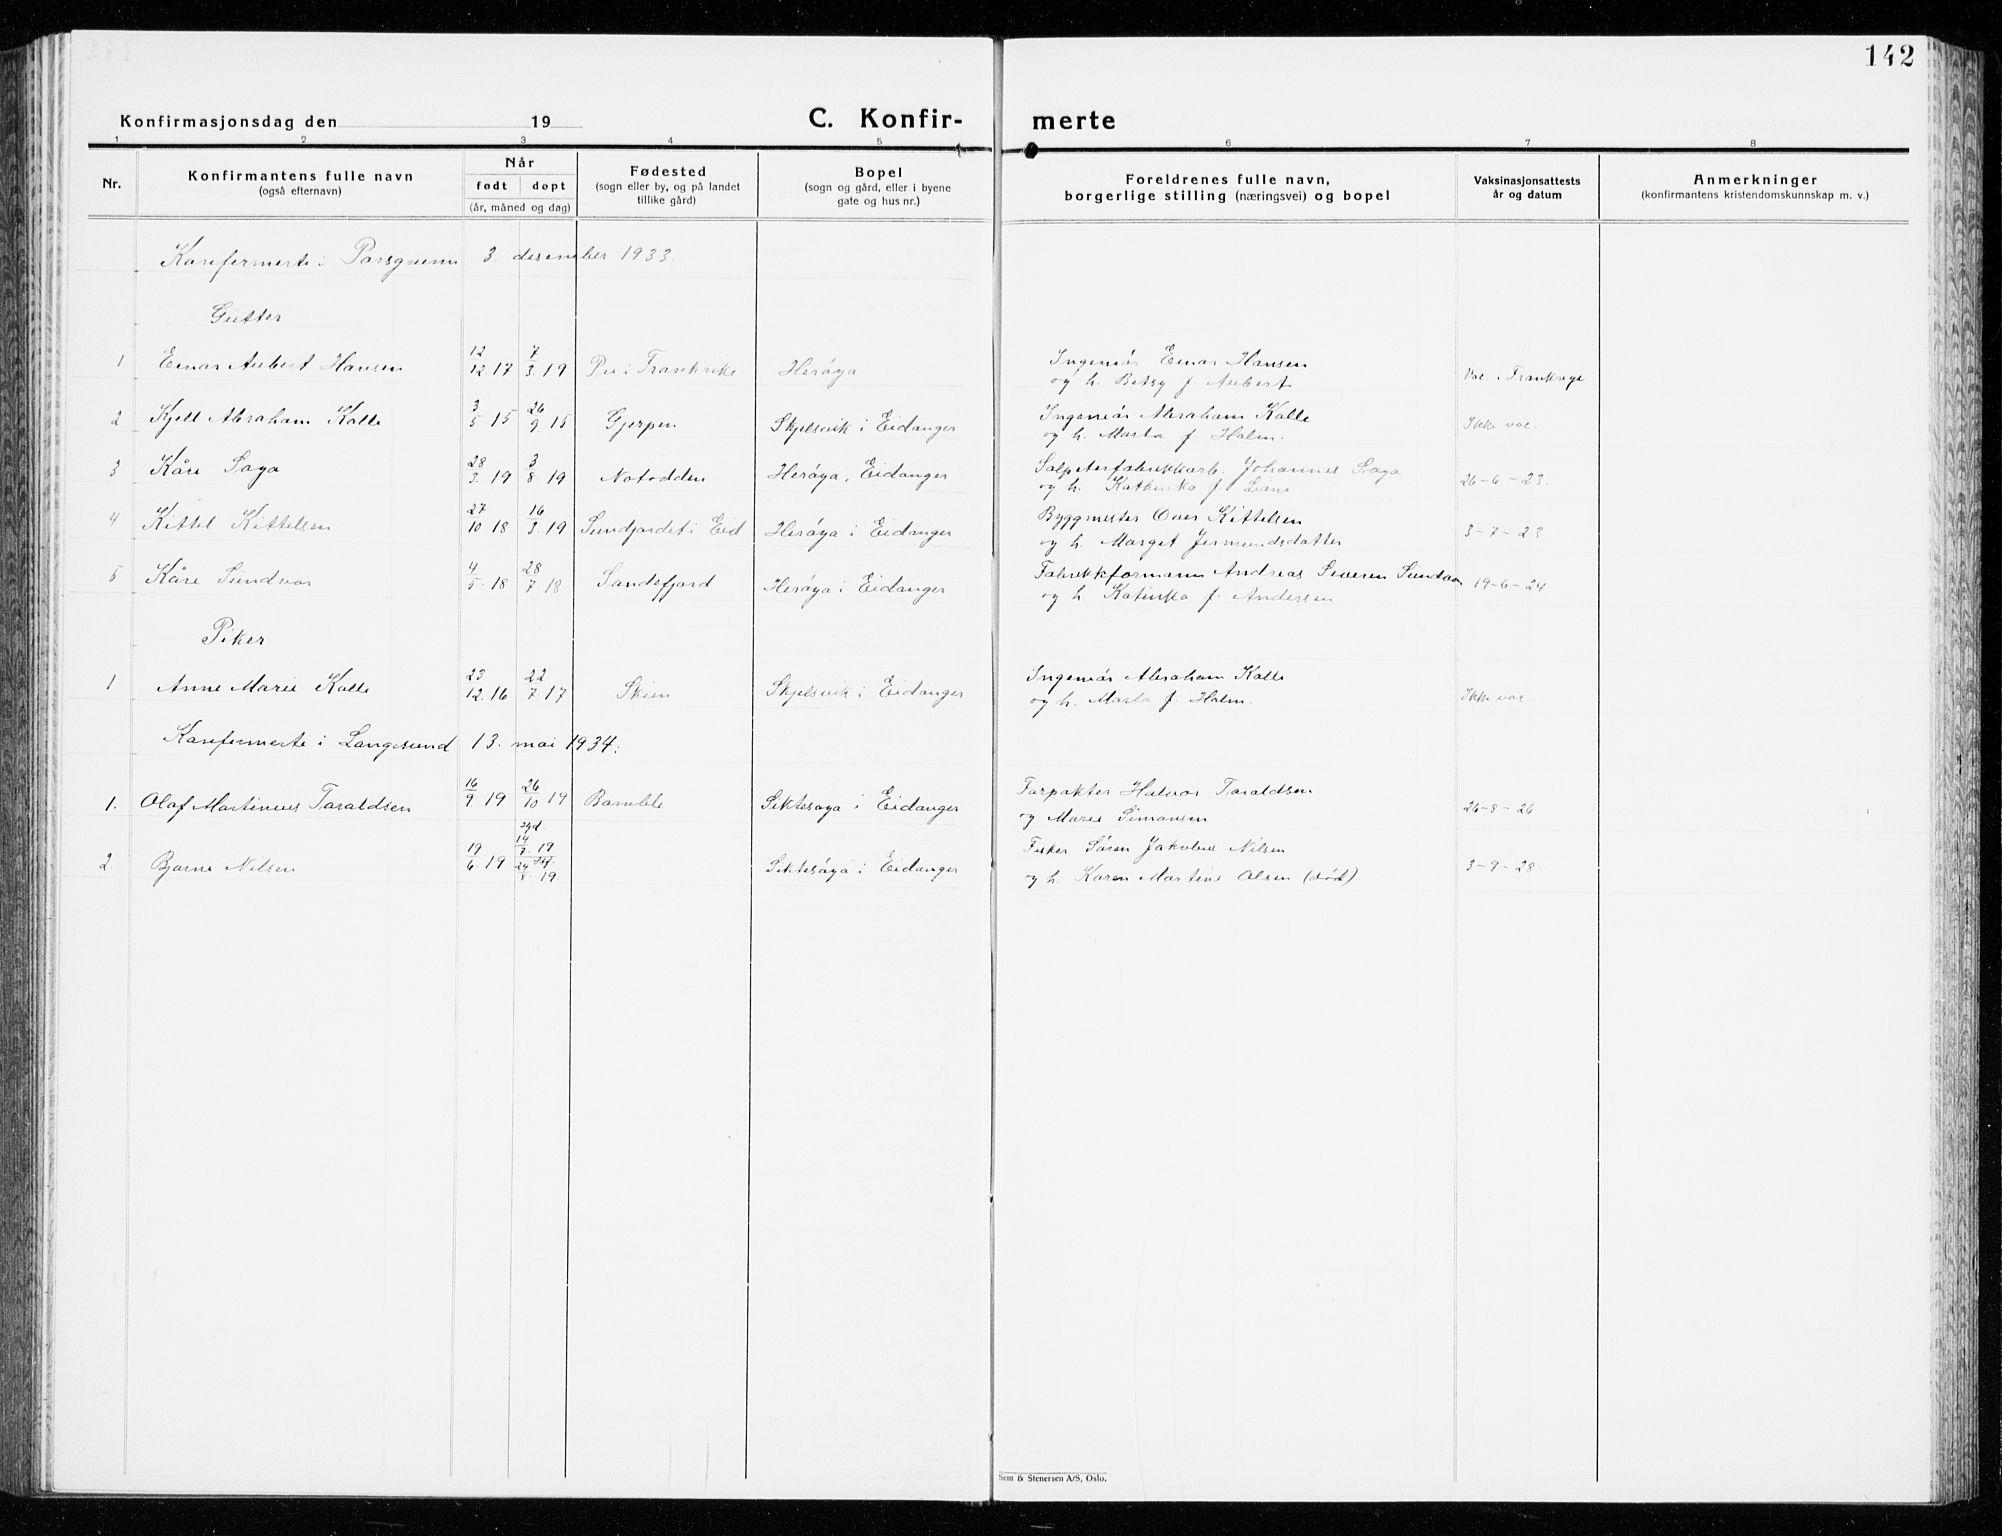 SAKO, Eidanger kirkebøker, G/Ga/L0005: Klokkerbok nr. 5, 1928-1942, s. 142